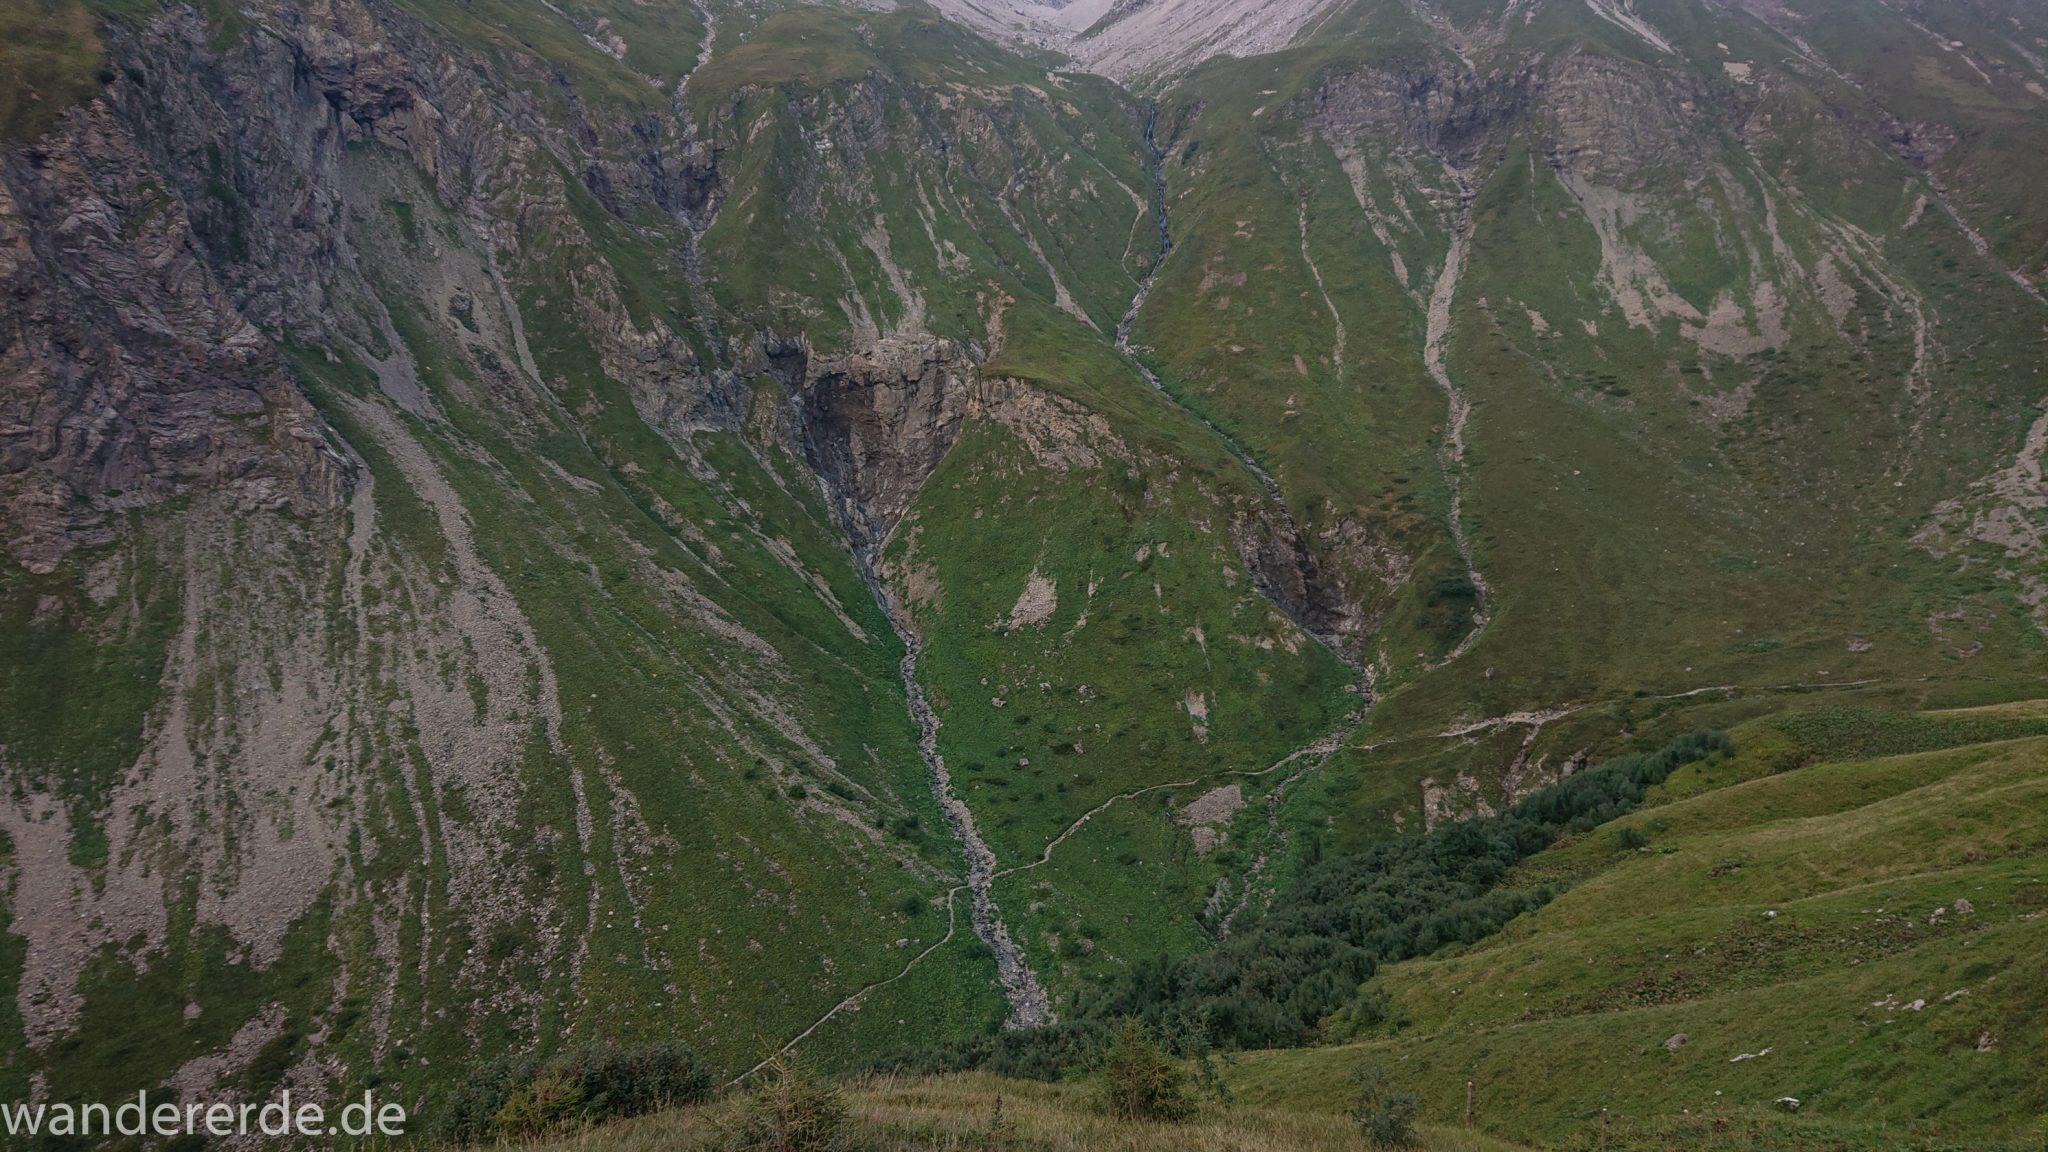 Alpenüberquerung Fernwanderweg E5 Oberstdorf Meran, 1. Etappe von Oberstdorf zur Kemptner Hütte, Wanderweg führt von der Spielmannsau bei Oberstdorf im Allgäu zur Kemptner Hütte entlang eines schmalen Wanderpfads über Stock und Stein, Blick von oben auf den Weg durch Sperrbachtobel, Sicht auf schöne Berge, Wegverlauf zunehmend ansteigend, teilweise steil